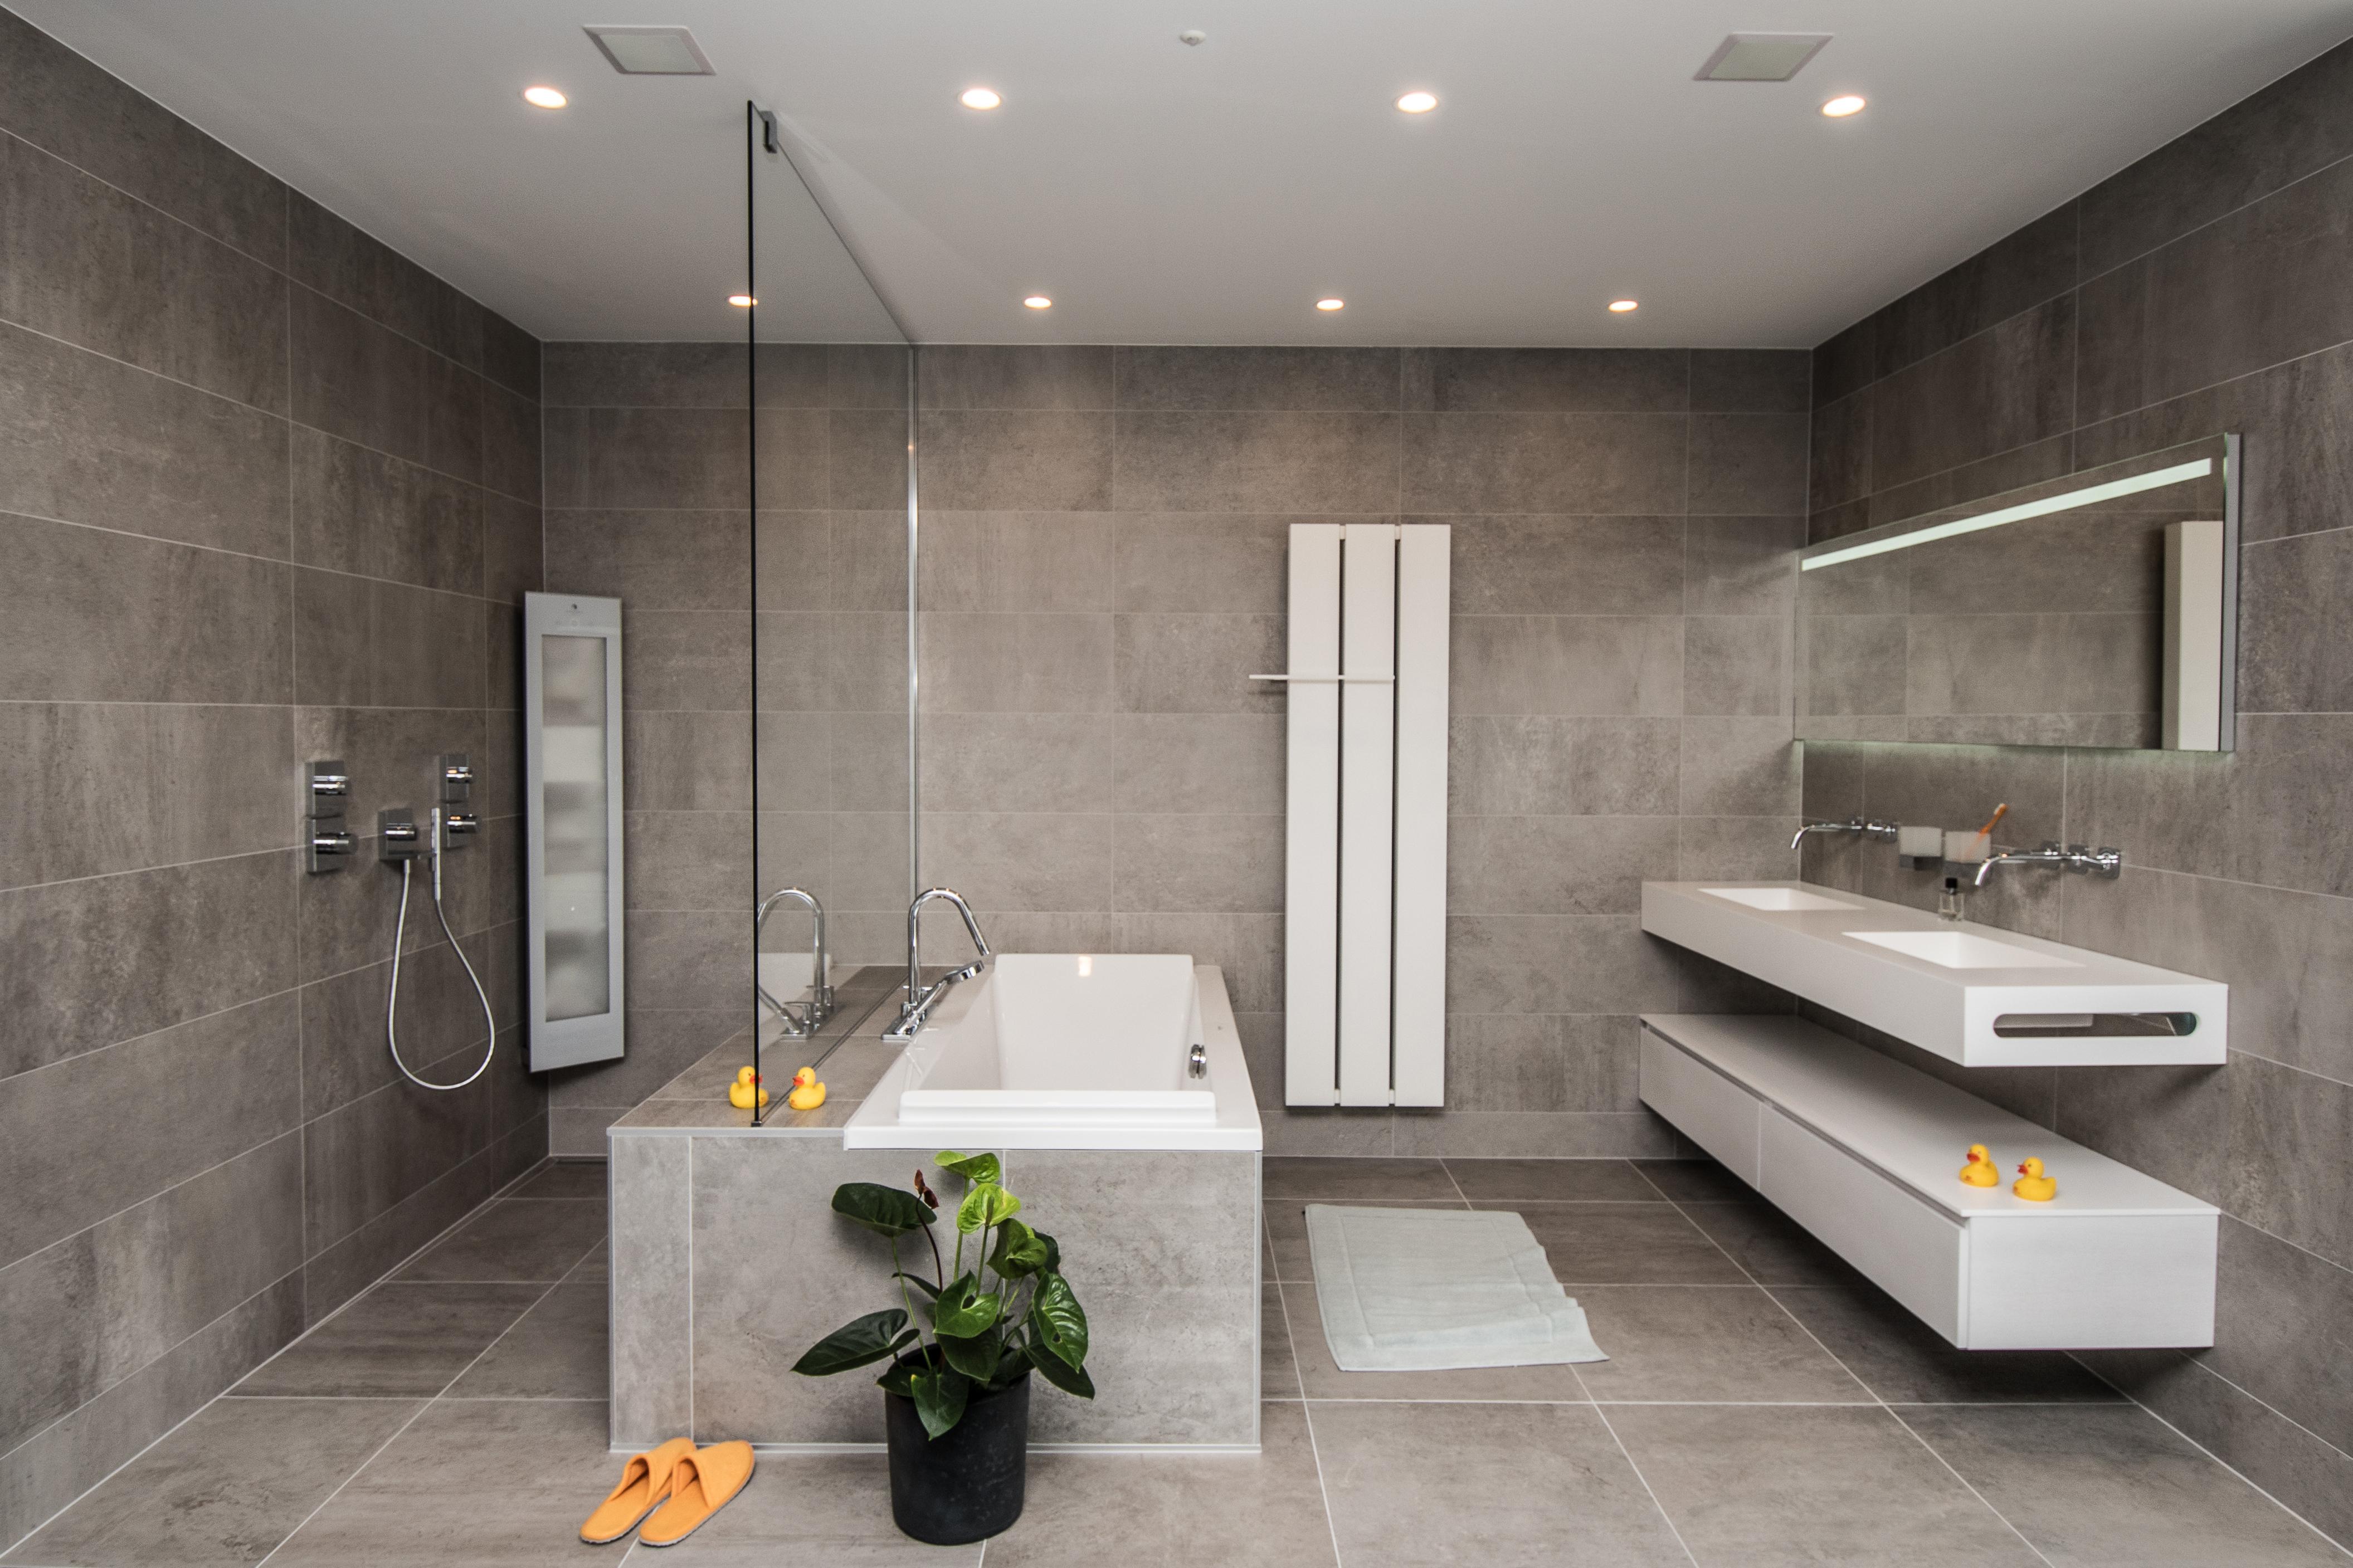 coût d'une rénovation de salle de bain